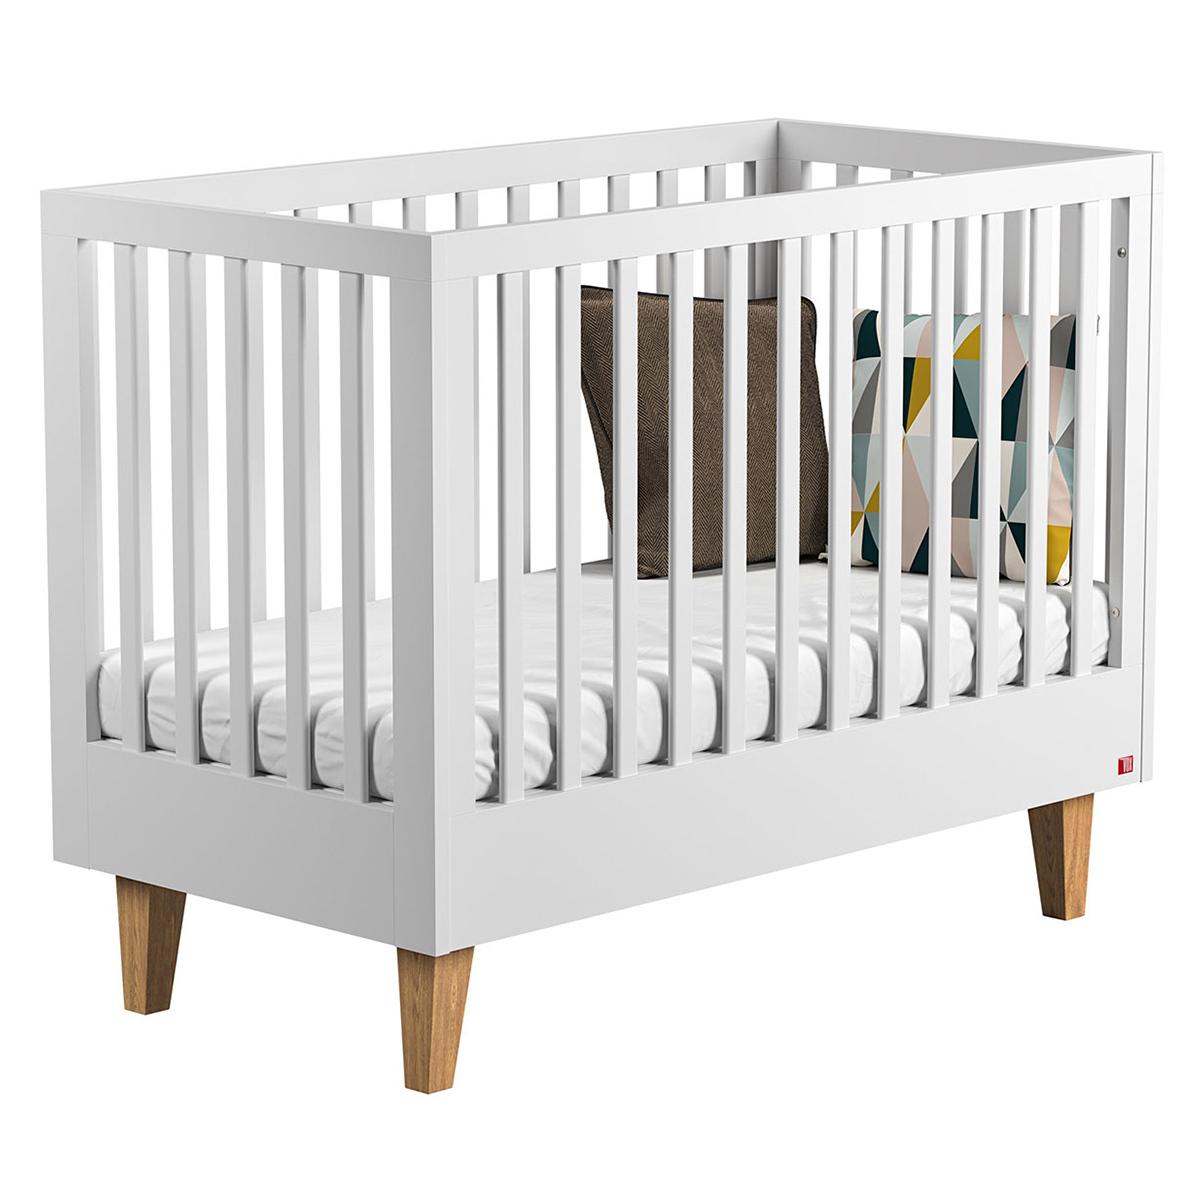 Lit bébé Lit Bébé Lounge Blanc - 60 x 120 cm